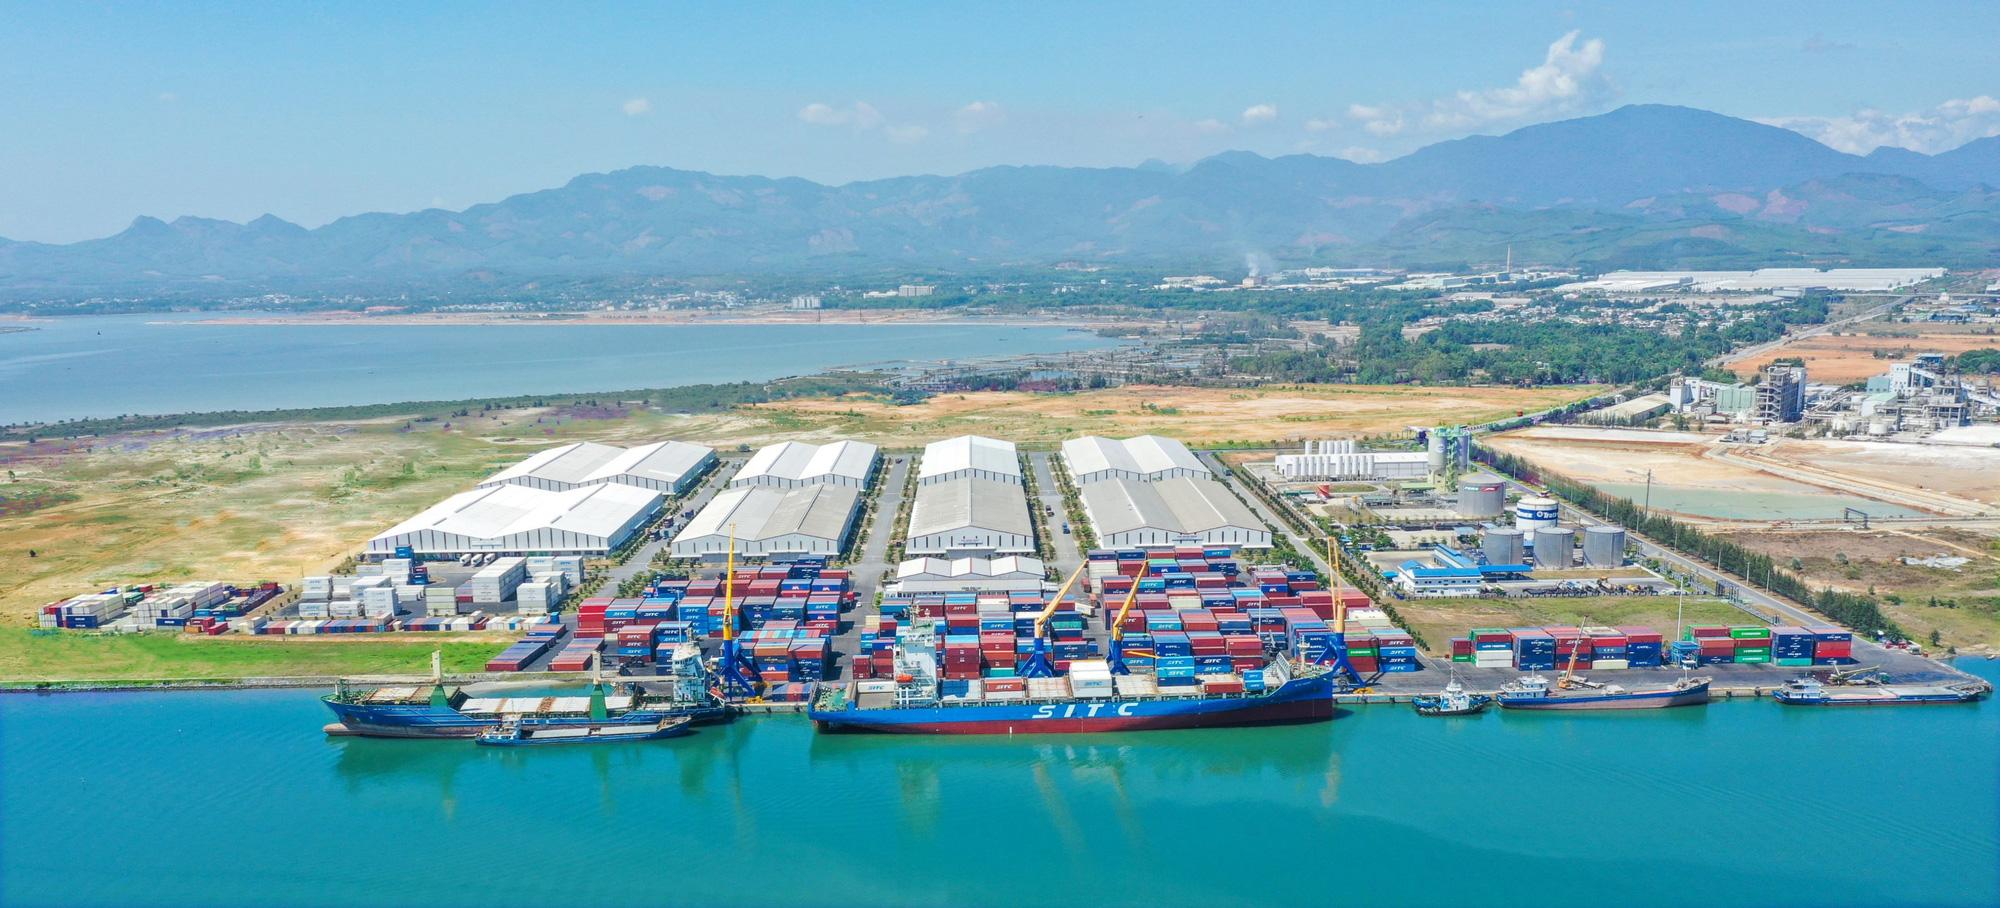 Dịch vụ logistics trọn gói của THILOGI: Giải pháp giúp doanh nghiệp tăng tính cạnh tranh - Ảnh 2.